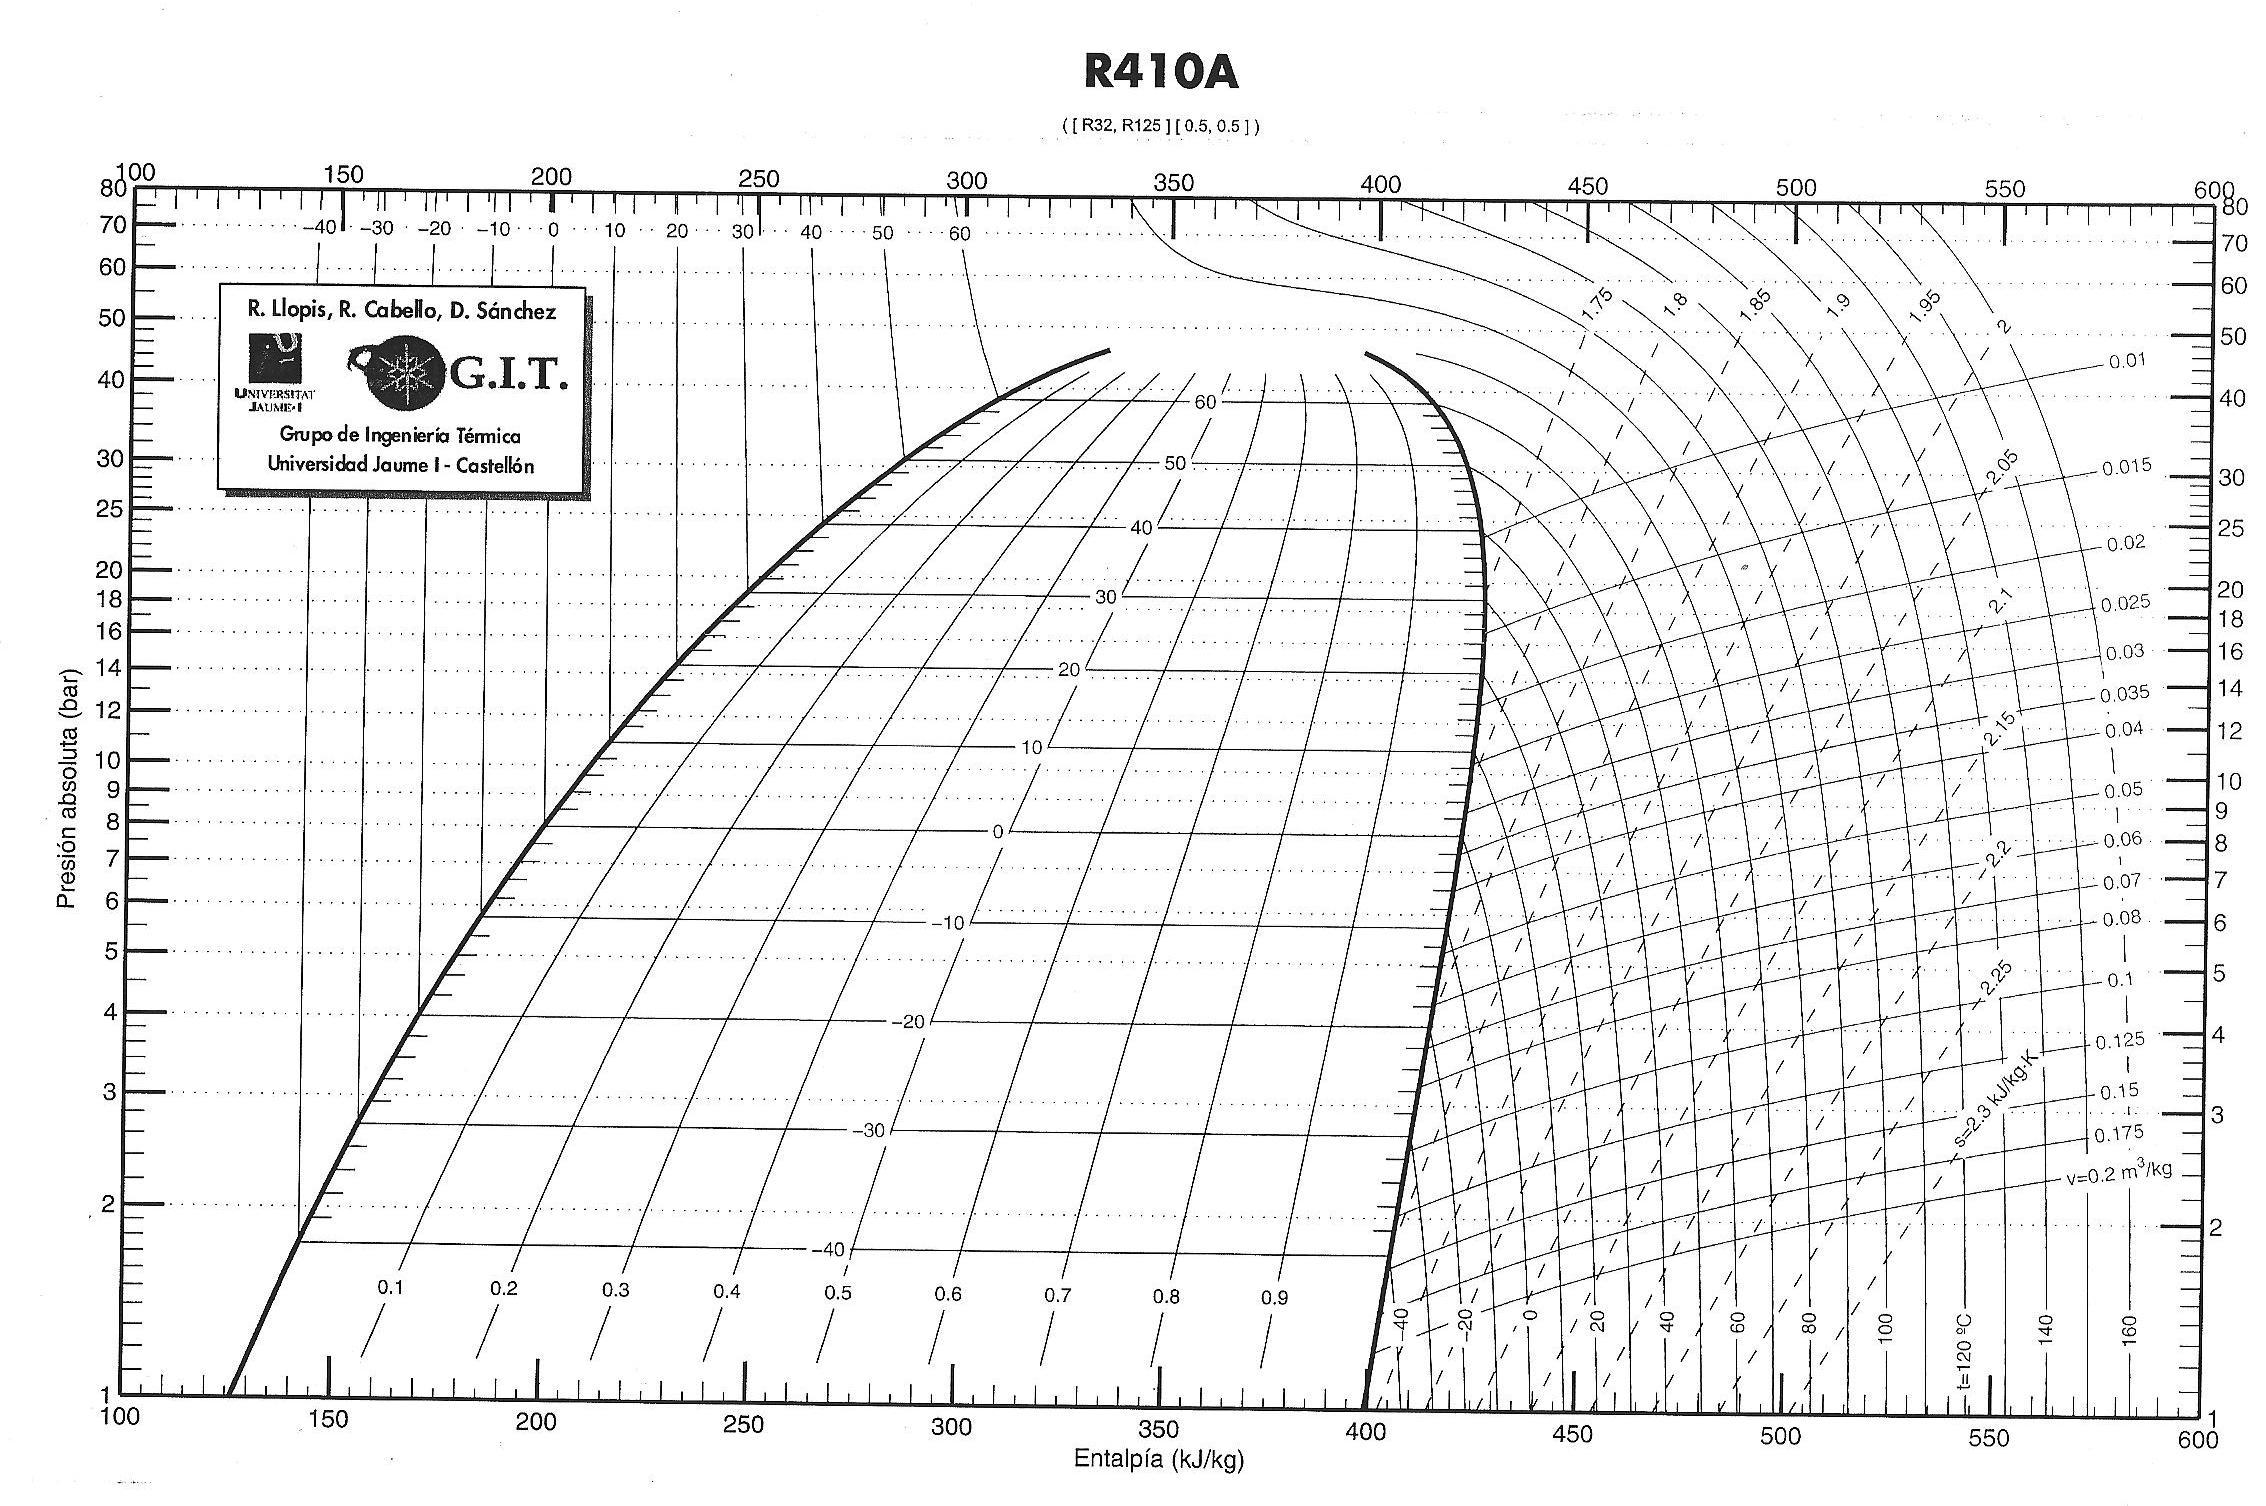 R22 Engine Diagram Automotive Wiring Hrz216 Tdaa Lawn Mower Usa Vin Mafa1000001 Carburetor R134a Enthalpy And Fuse Box Helicopter Pressure Btu